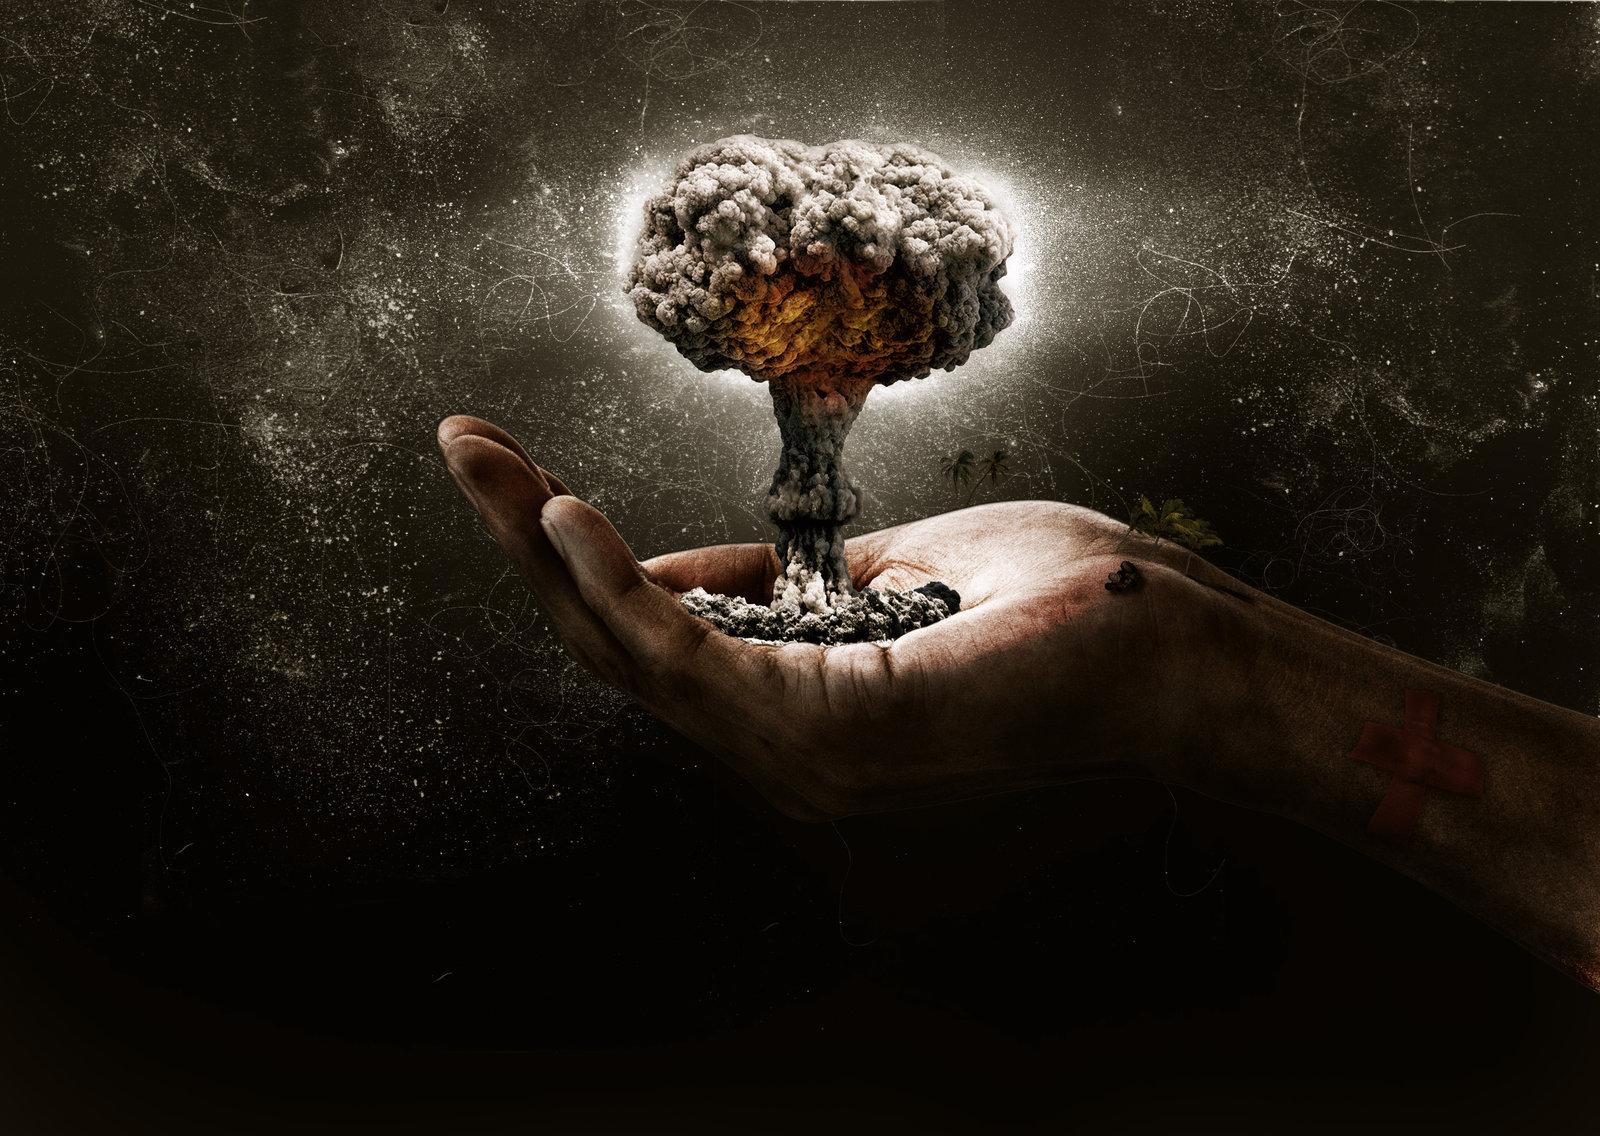 Hand Mushroom Cloud Blast Explosion Miniature dark nuclear ...